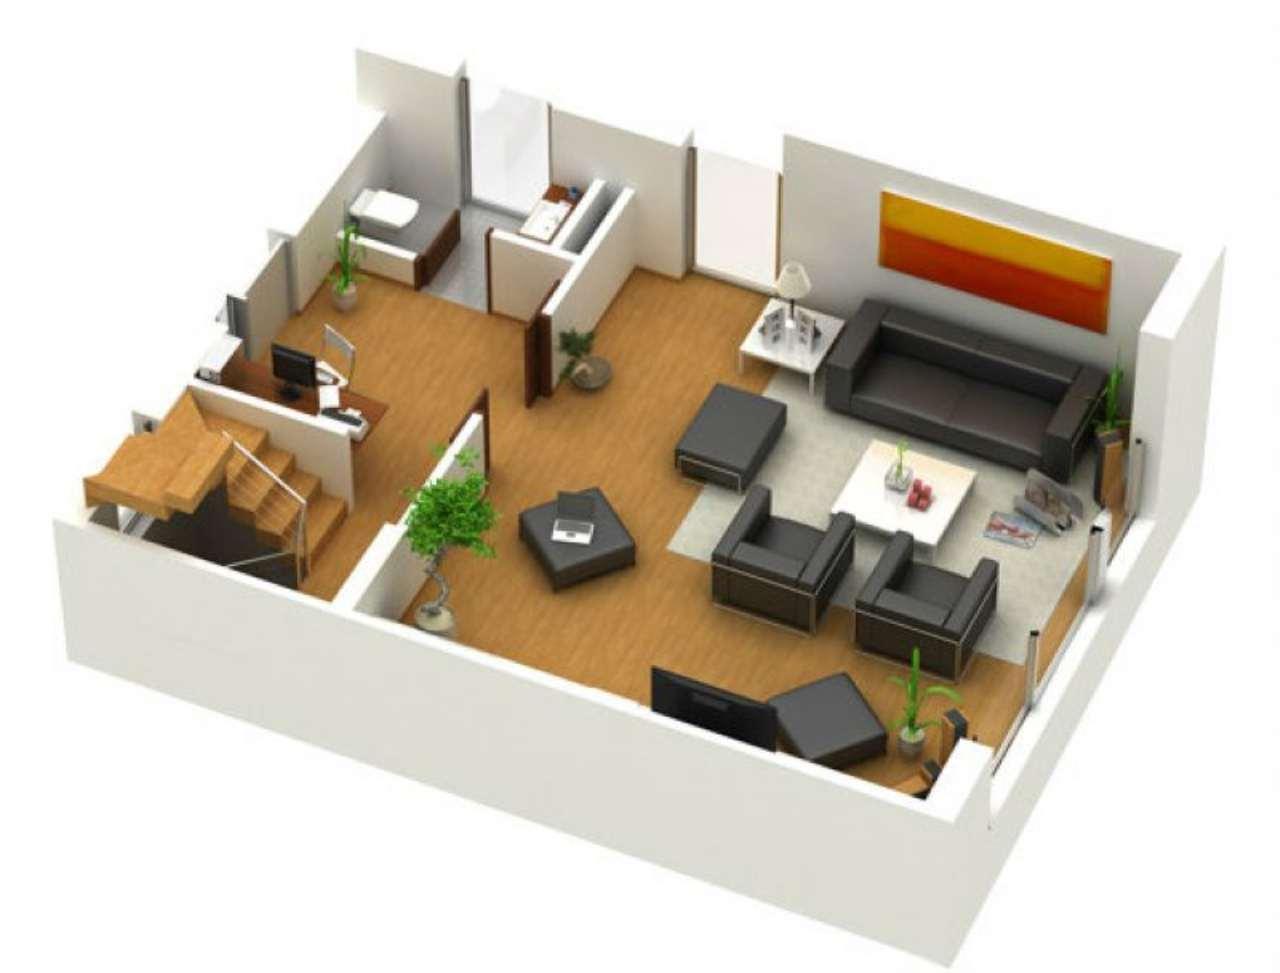 Terreno Edificabile Residenziale in vendita a Calenzano, 5 locali, prezzo € 219.000 | Cambio Casa.it